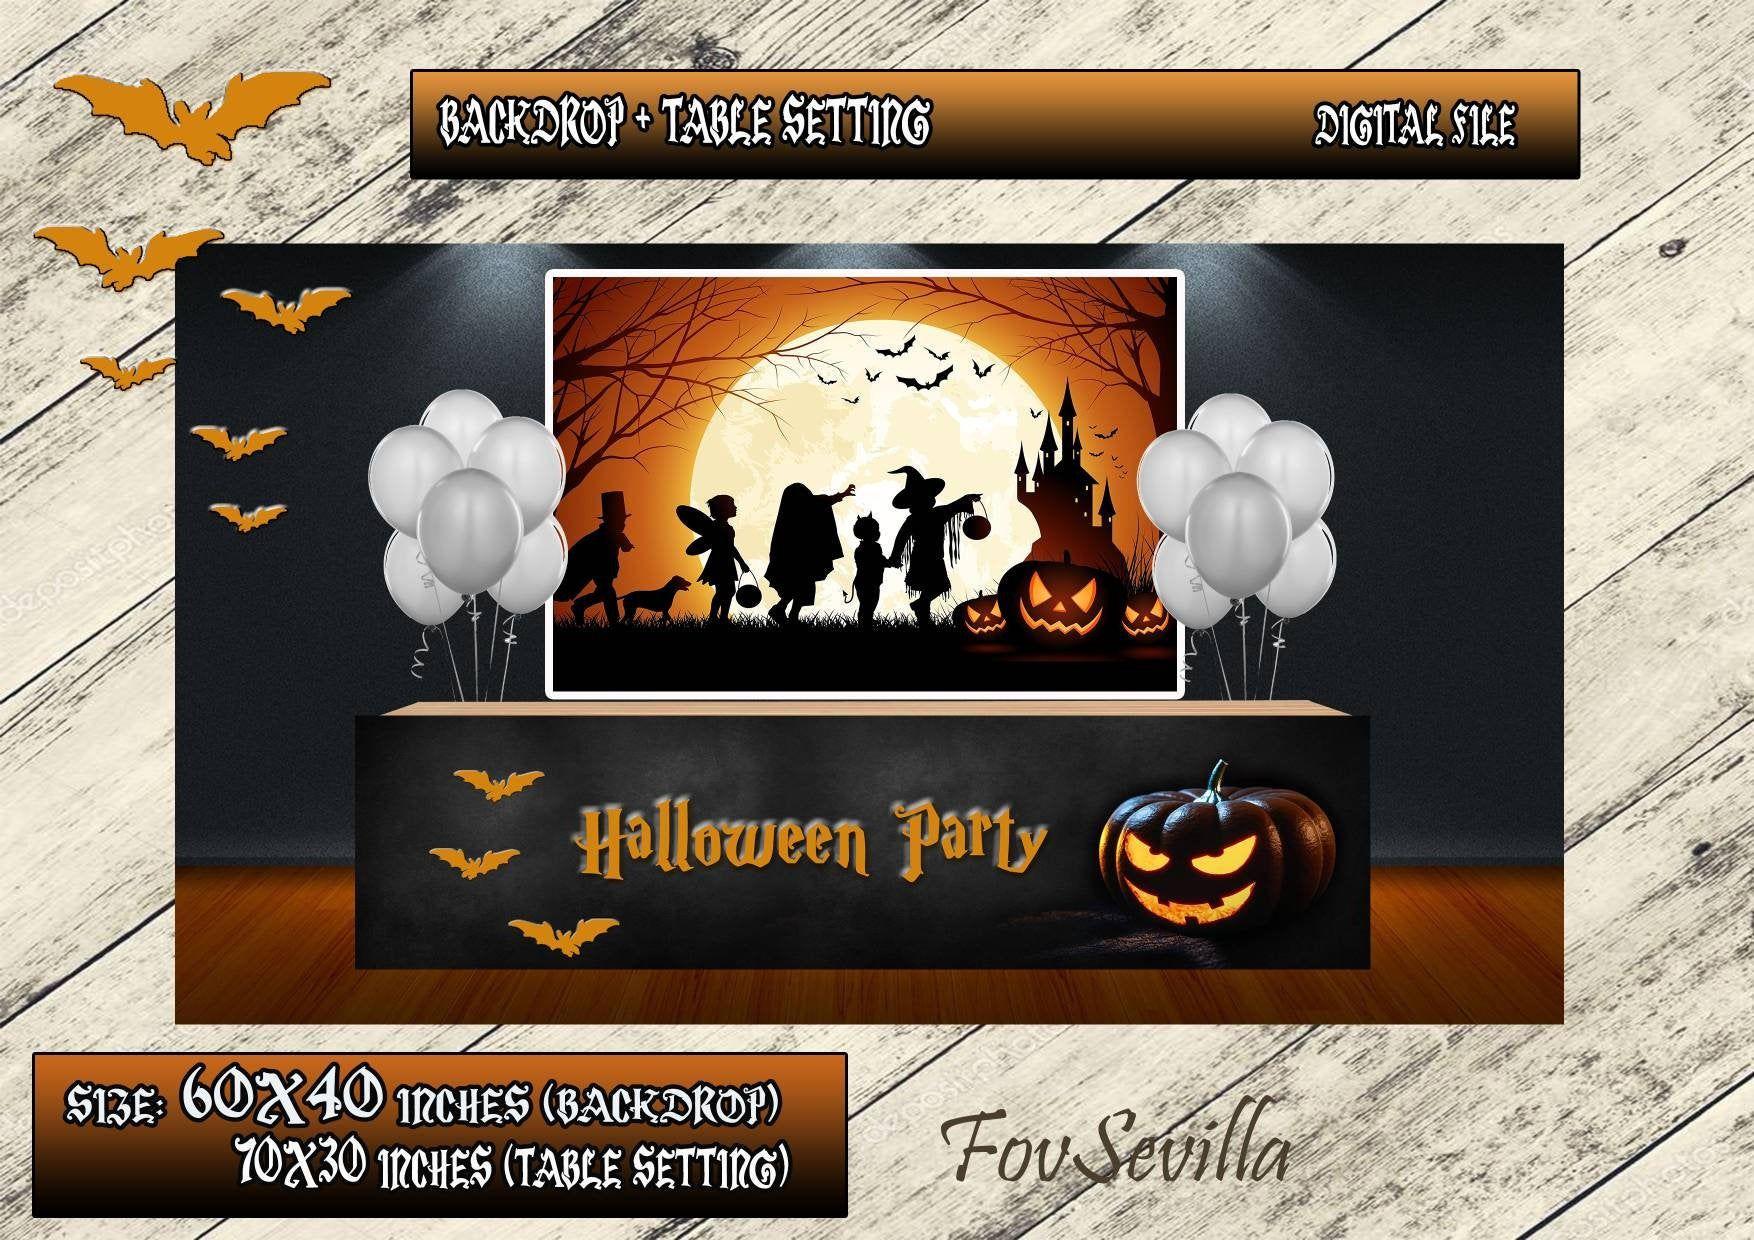 Quiero Compartir Lo último Que He Añadido A Mi Tienda De Etsy Halloween Backdrop Co Telones De Fondo Imprimibles Halloween Fiestas De Cumpleaños Para Chicos